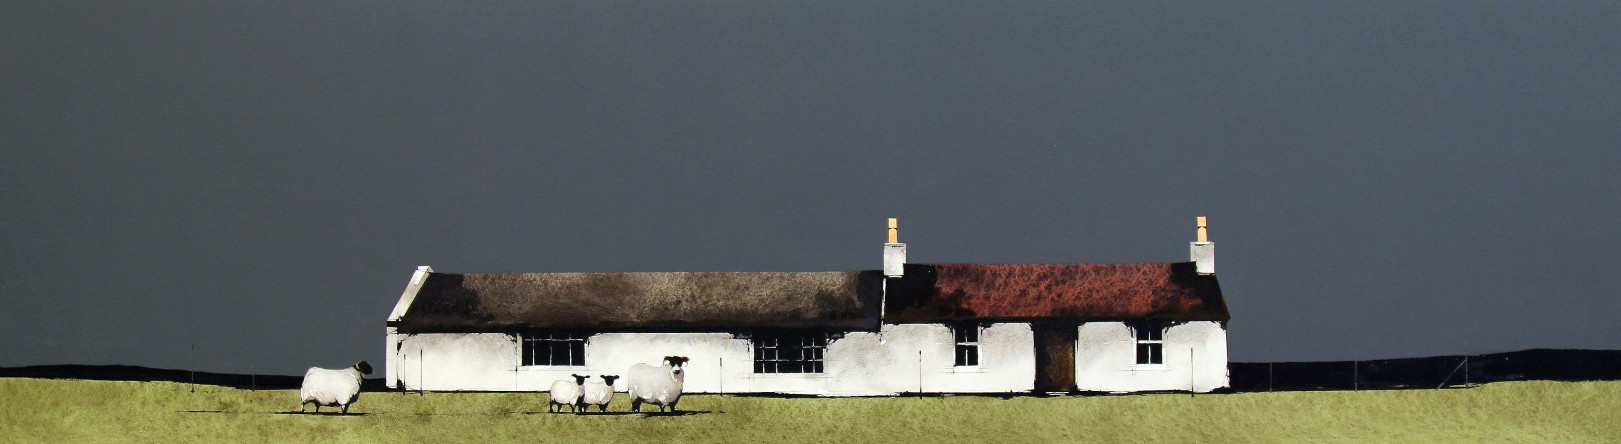 Ron Lawson_Bruich Laddich, Islay_Watercolour & Gouache_EAS570_11x38.5_V